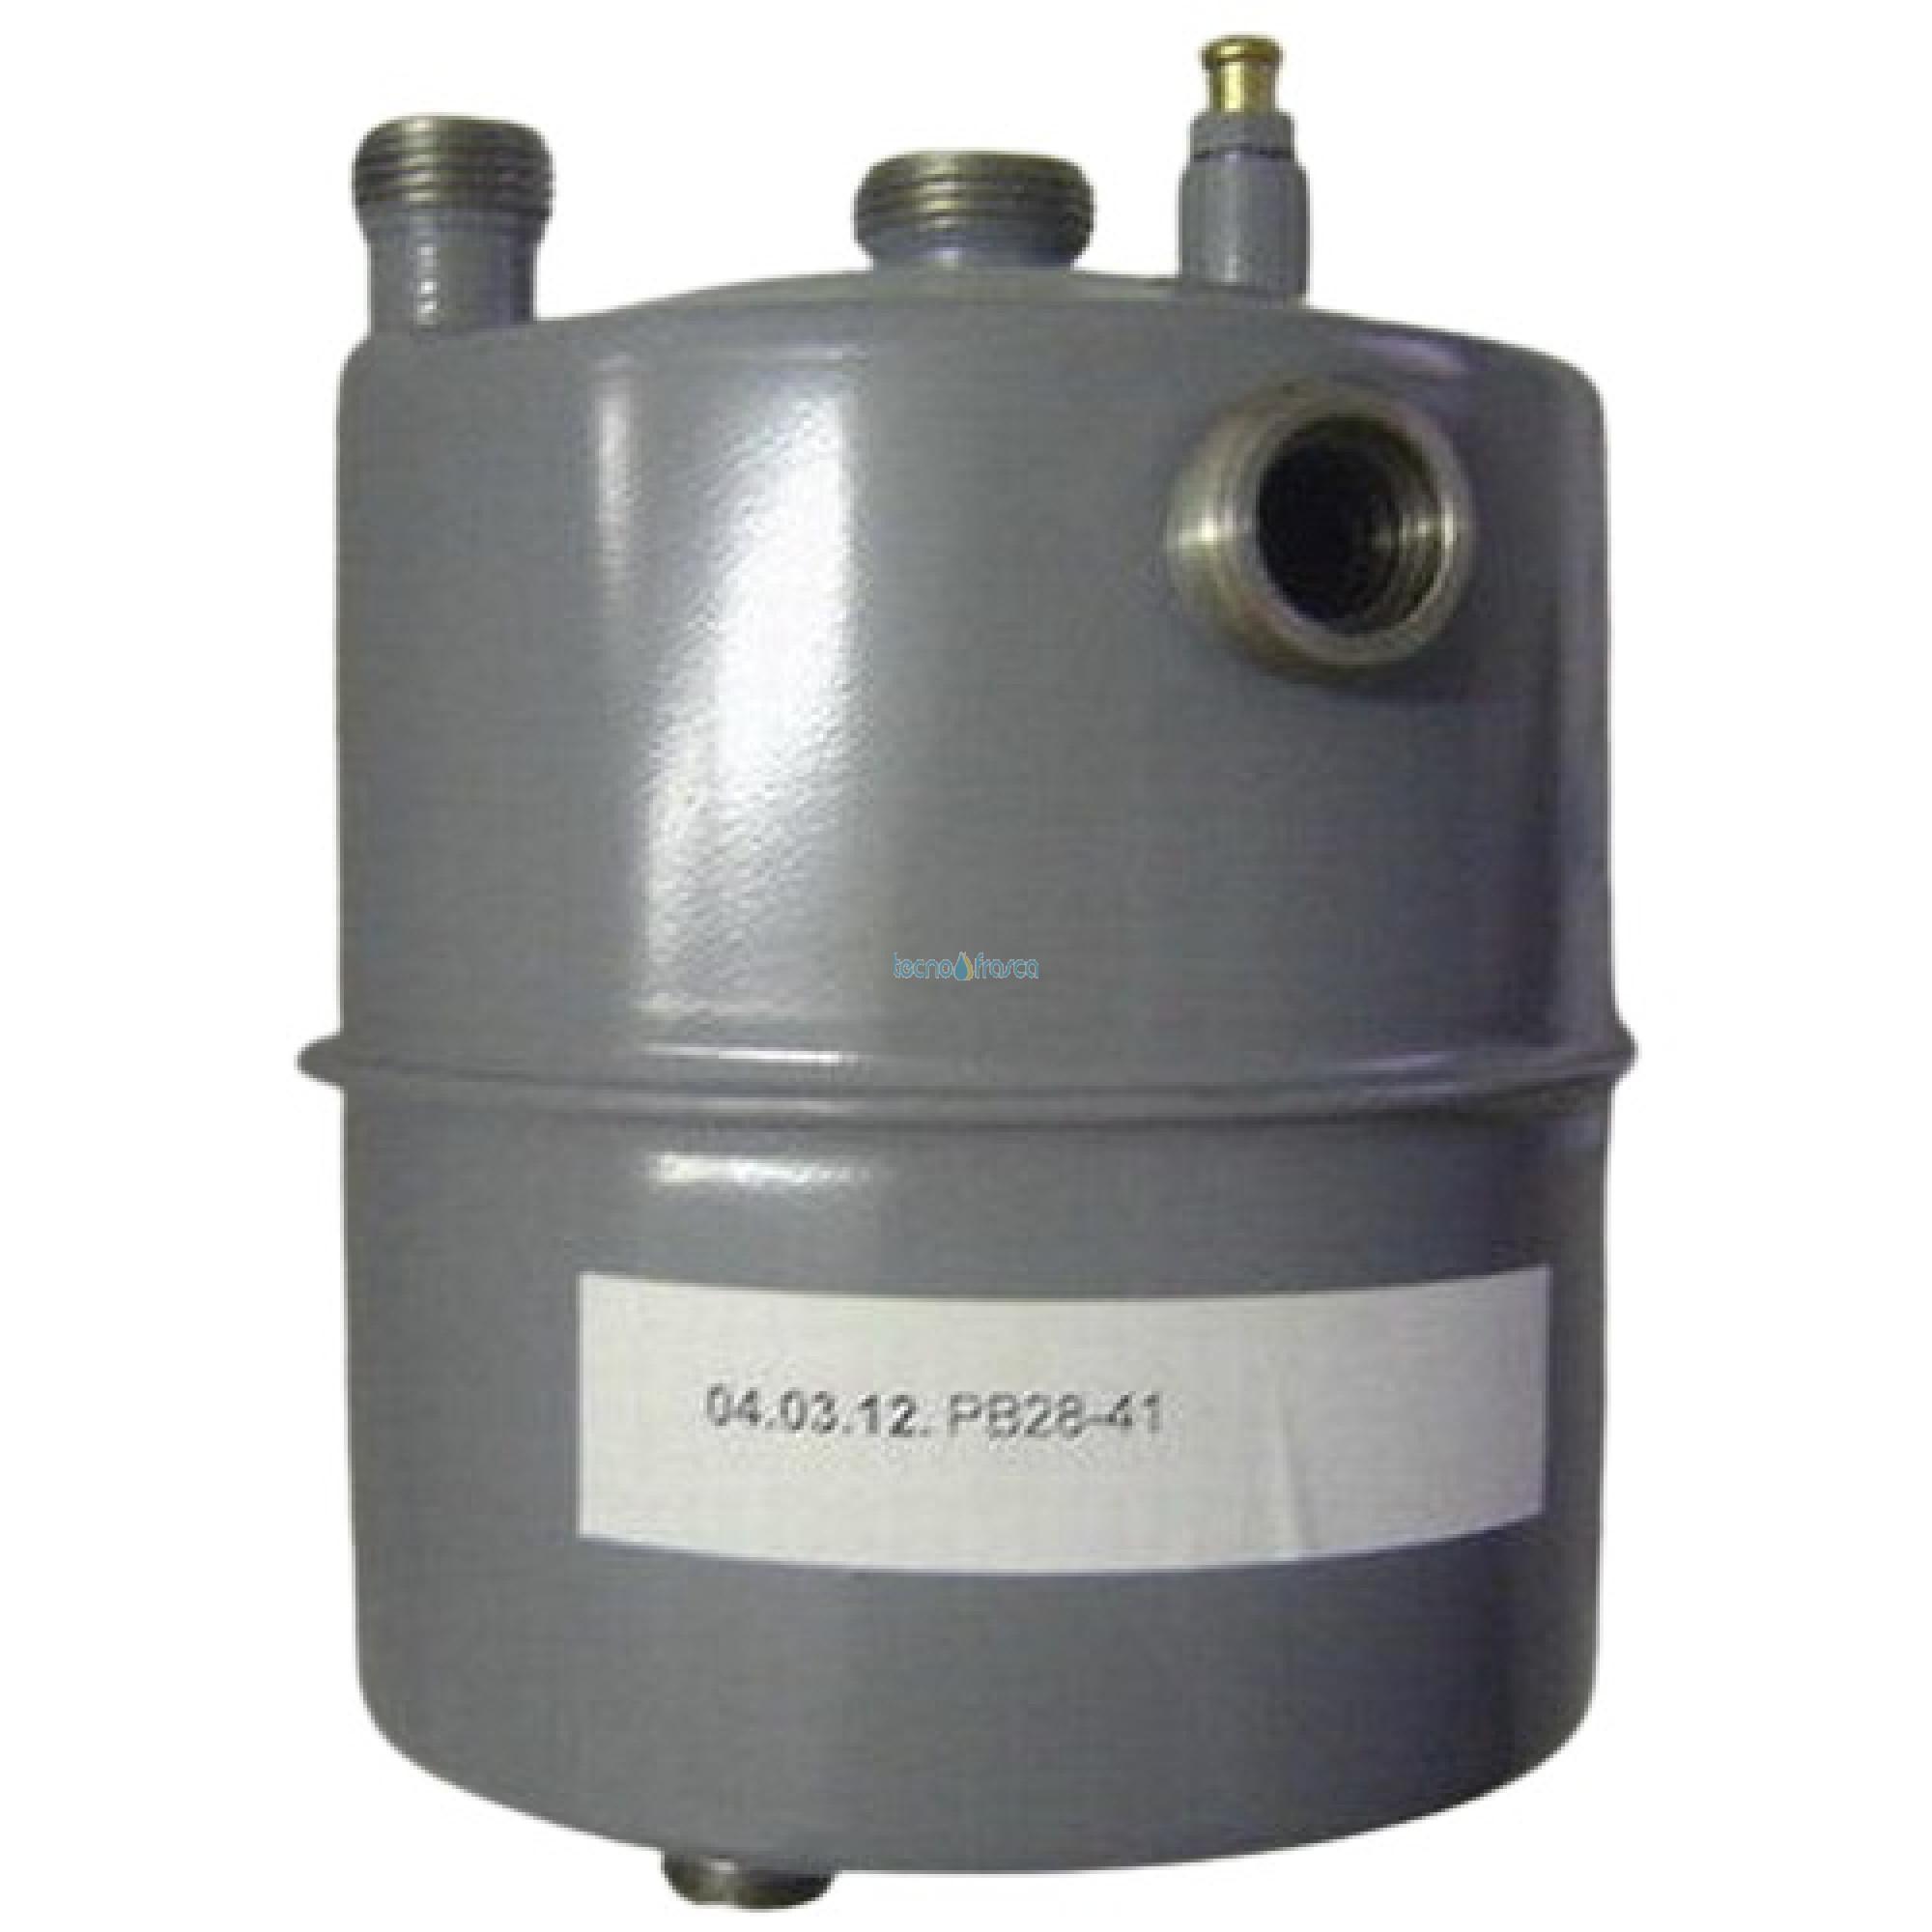 Hermann boilerino serie 98 h015002577